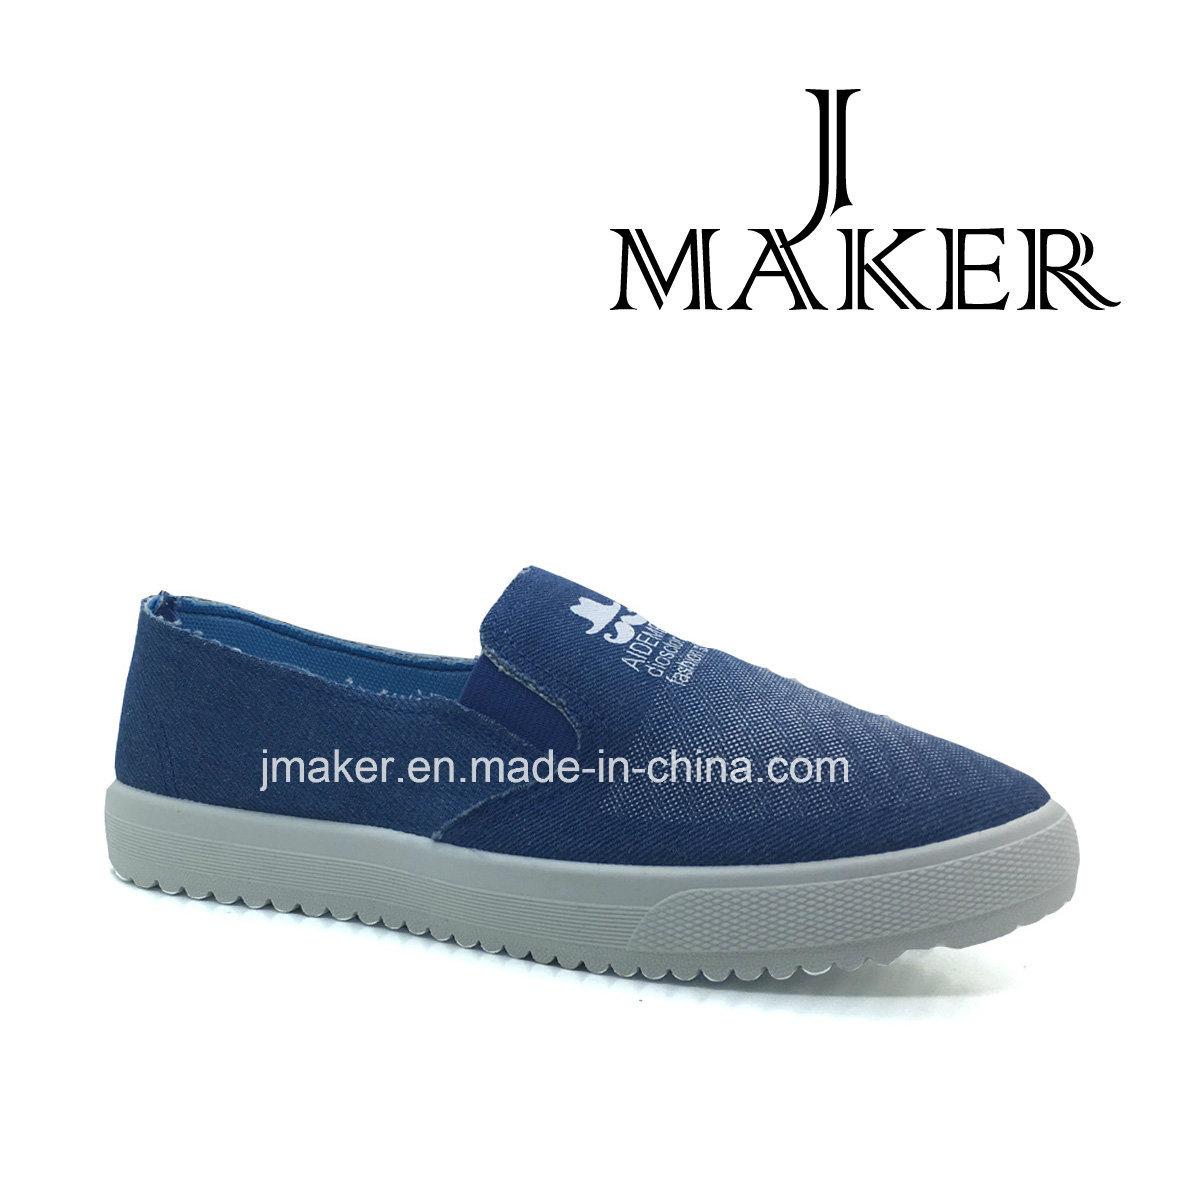 2016 Fashion Casual Shoes for Women (JM2030-L)